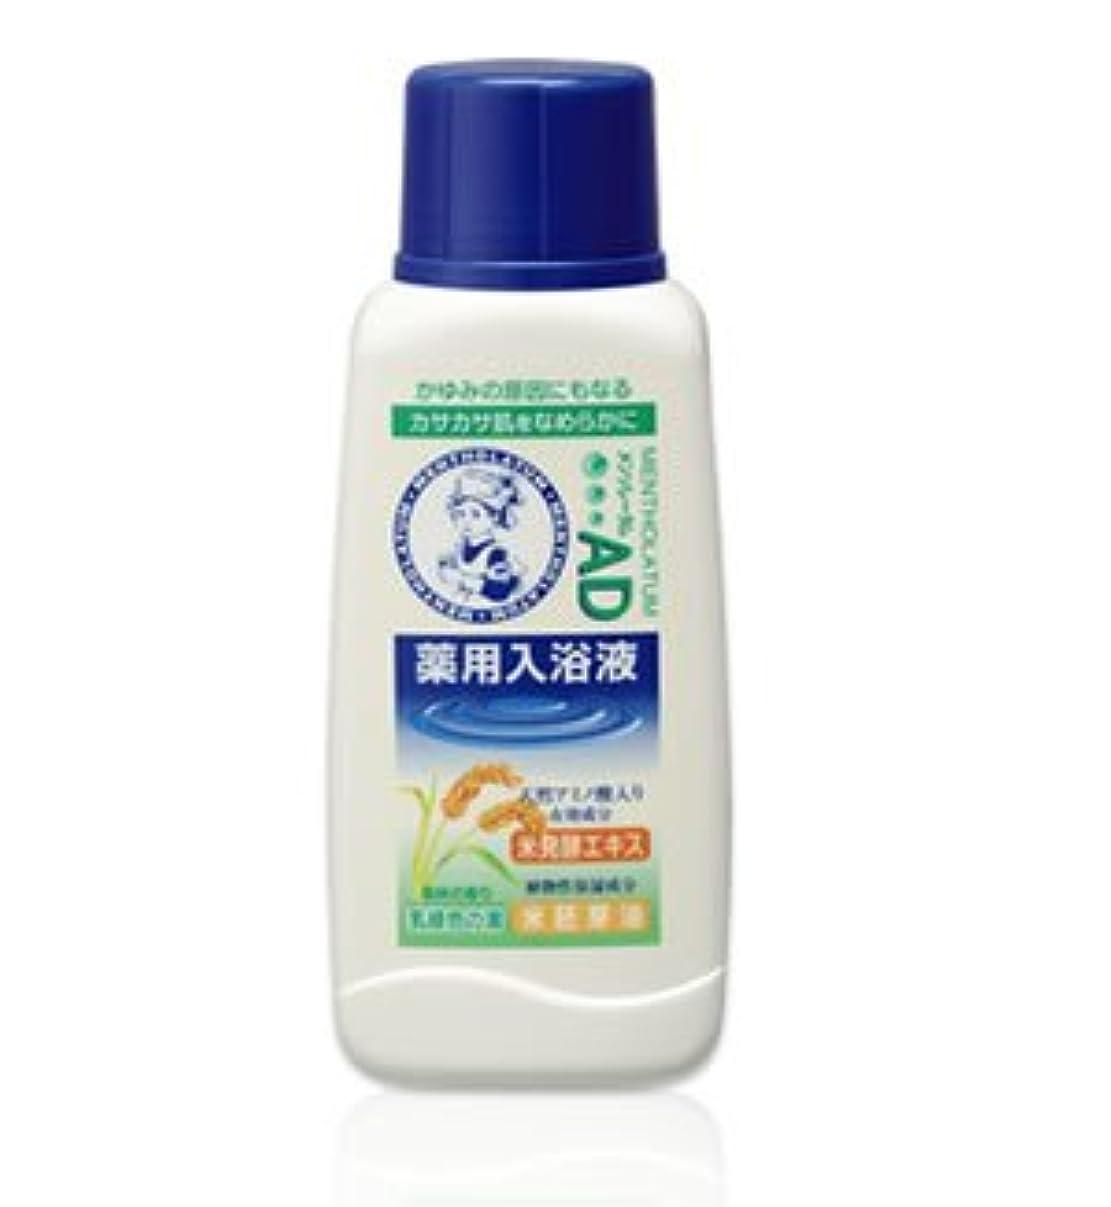 支払い悲しいことによろしく(ロート)メンソレータム AD薬用入浴剤 森林の香り720ml(医薬部外品)